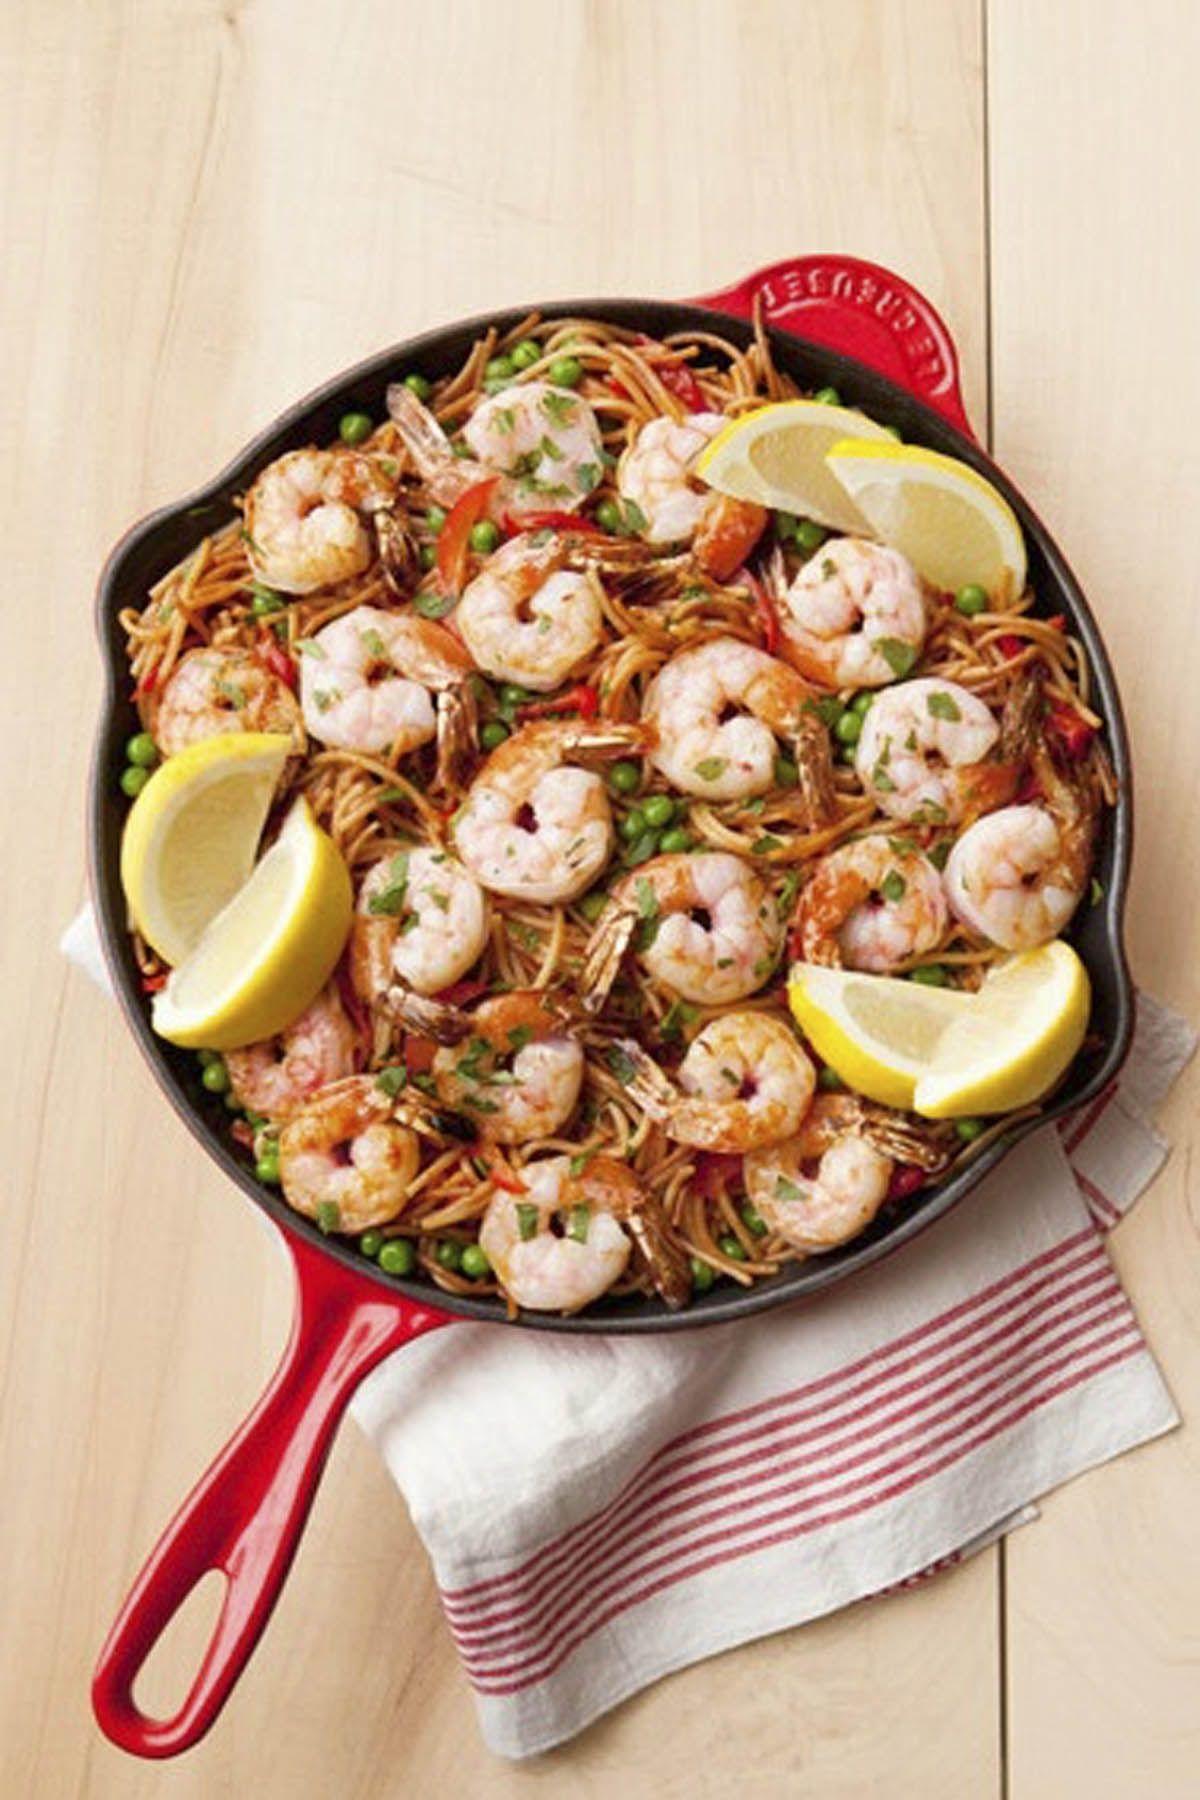 53 Easy Christmas Dinner Ideas Best Recipes For Christmas Dinner